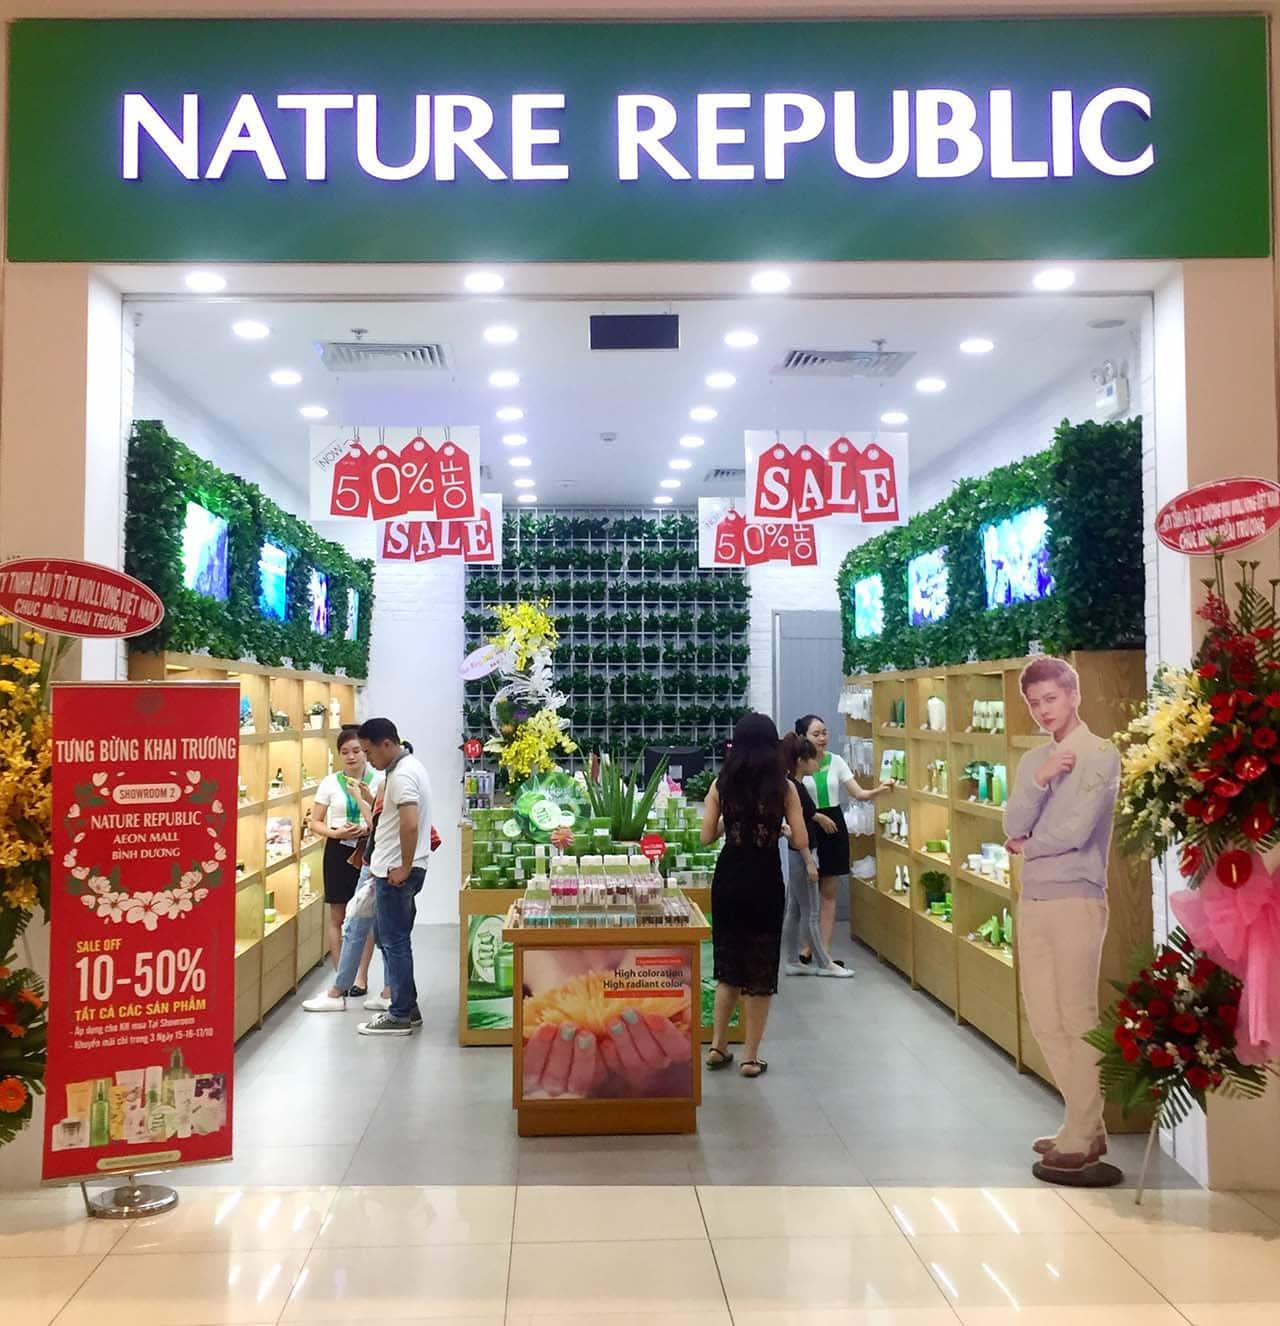 Cửa Hàng Nature Republic Store tại Aeon Mall Bình Dương